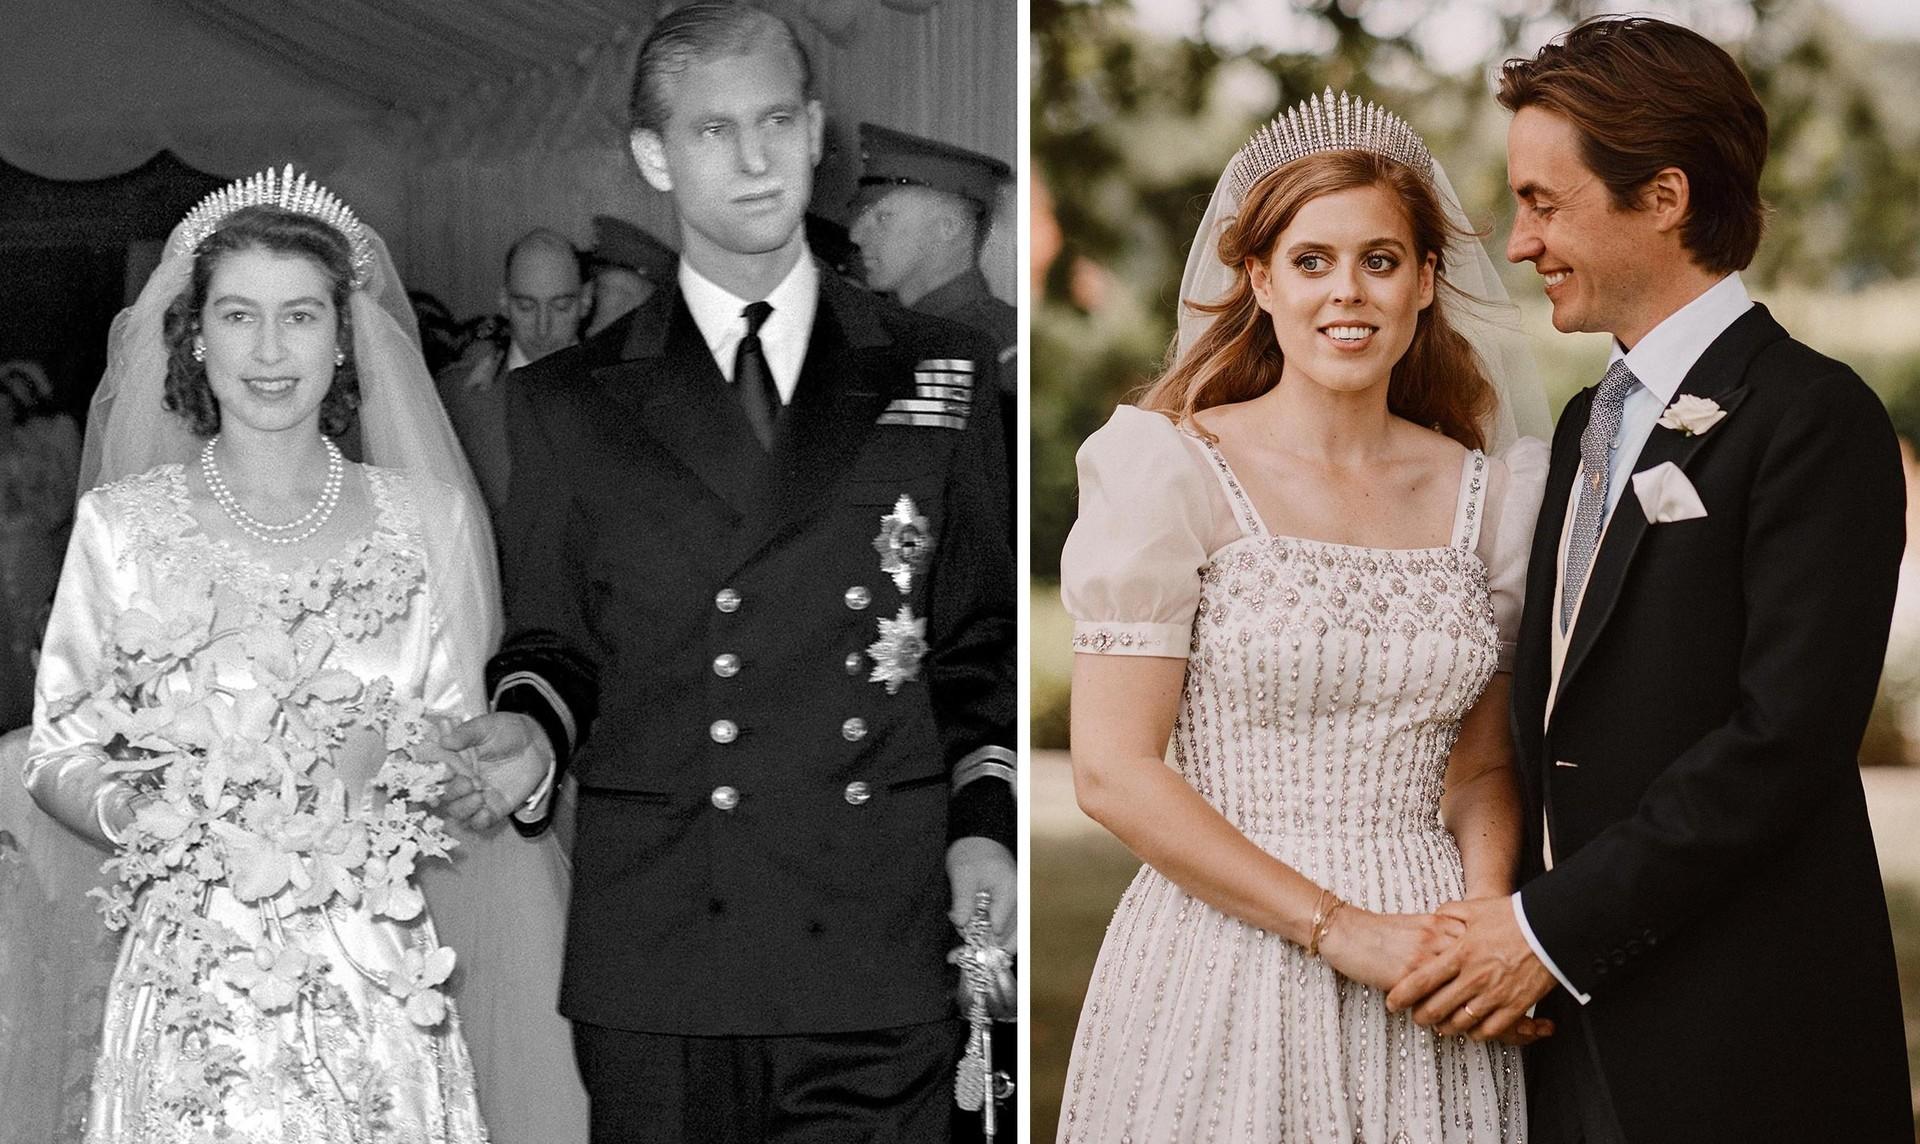 エリザベス2世の結婚式(1947年)とベアトリス・オブ・ヨーク王女の結婚式(2020年)